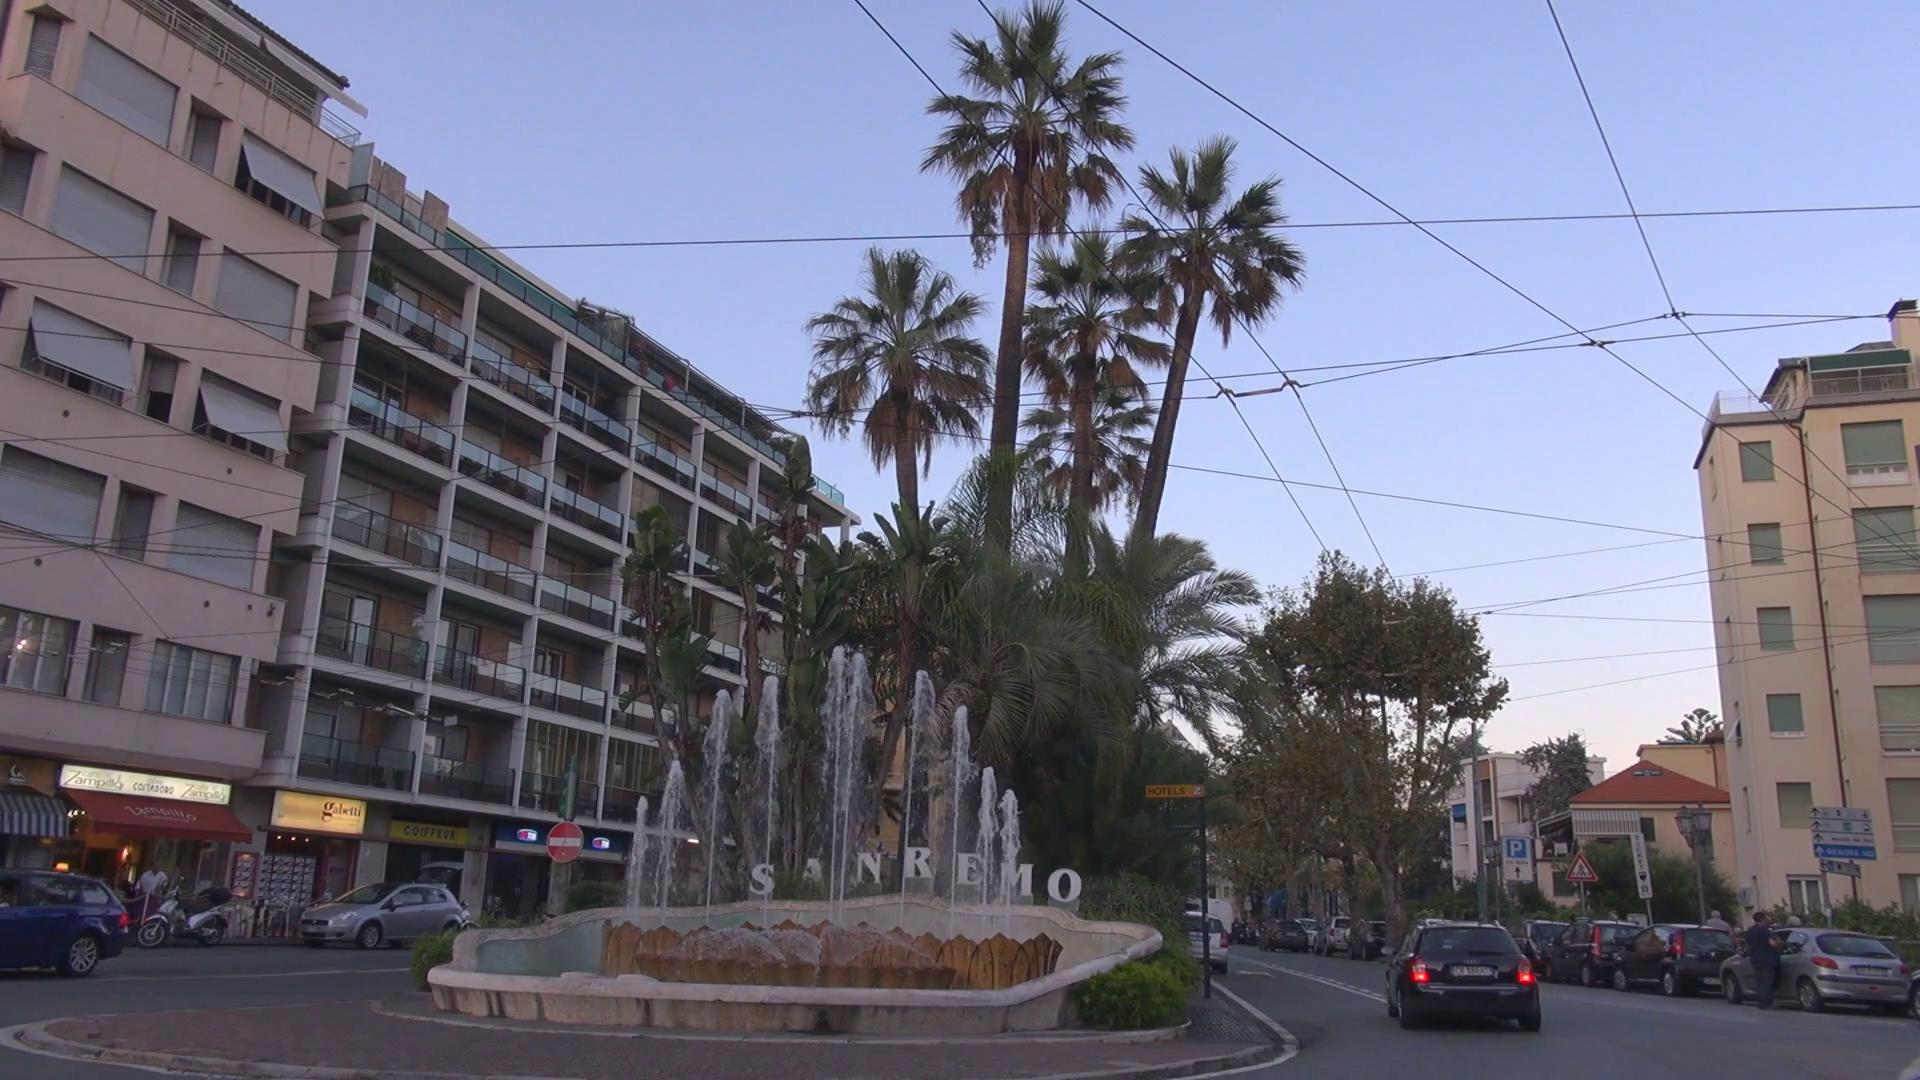 Sanremo old buildings photo